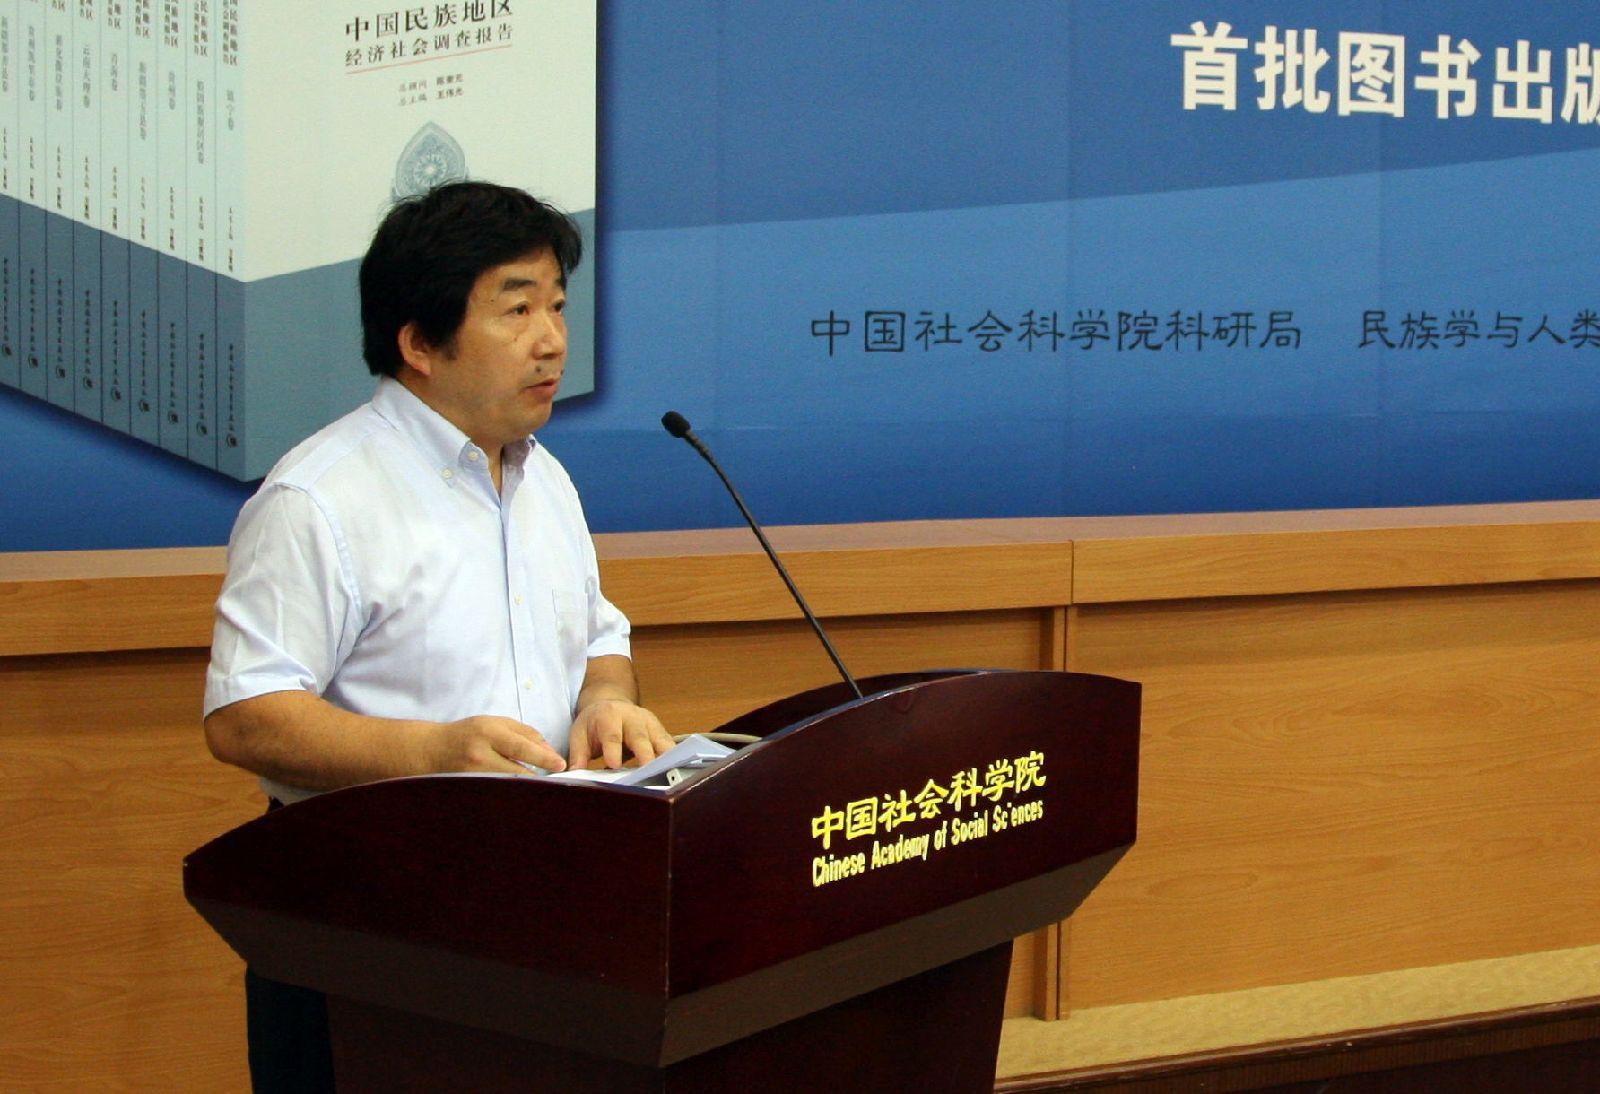 民族学与人类学研究所所长、项目首席专家王延中研究员介绍项目情况,程明摄